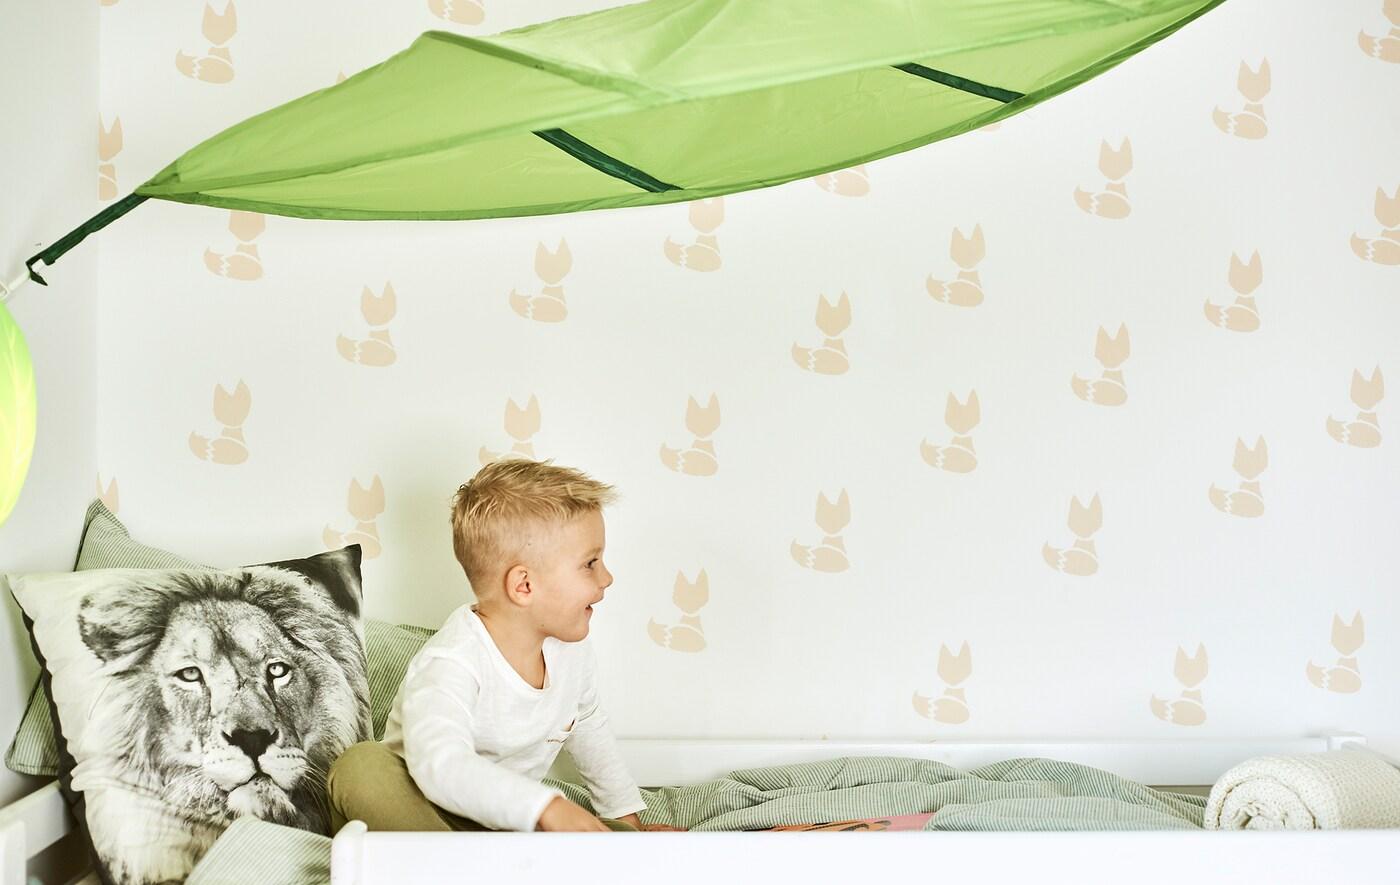 Dítě sedí na posteli se zeleným povlečením a polštářem s hlavou lva, nad hlavou má zelený list jako baldachýn